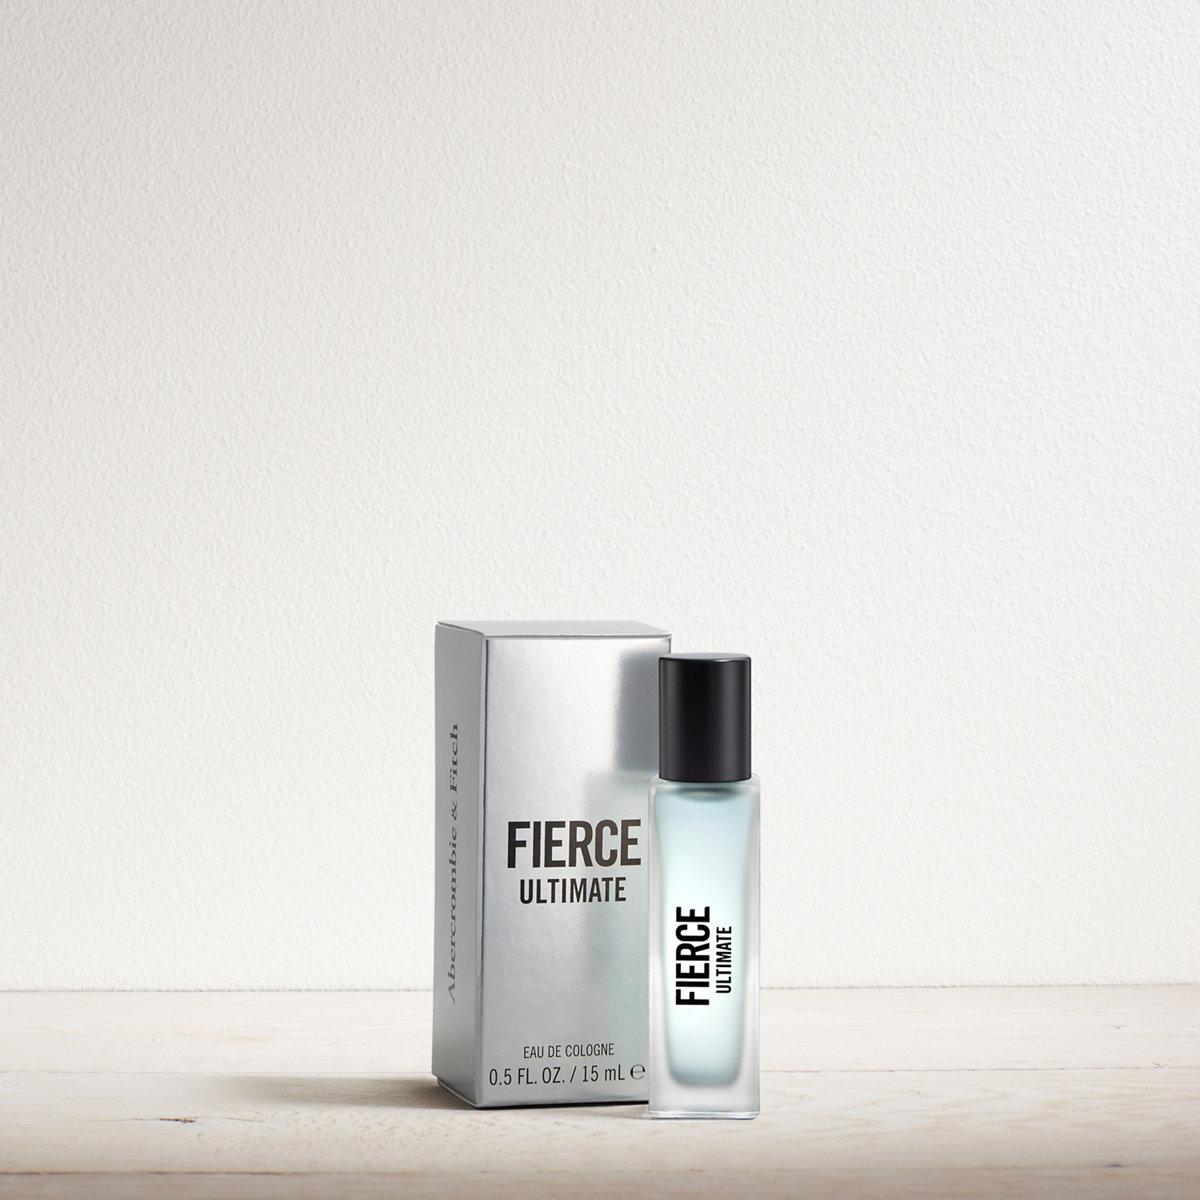 Fierce Ultimate